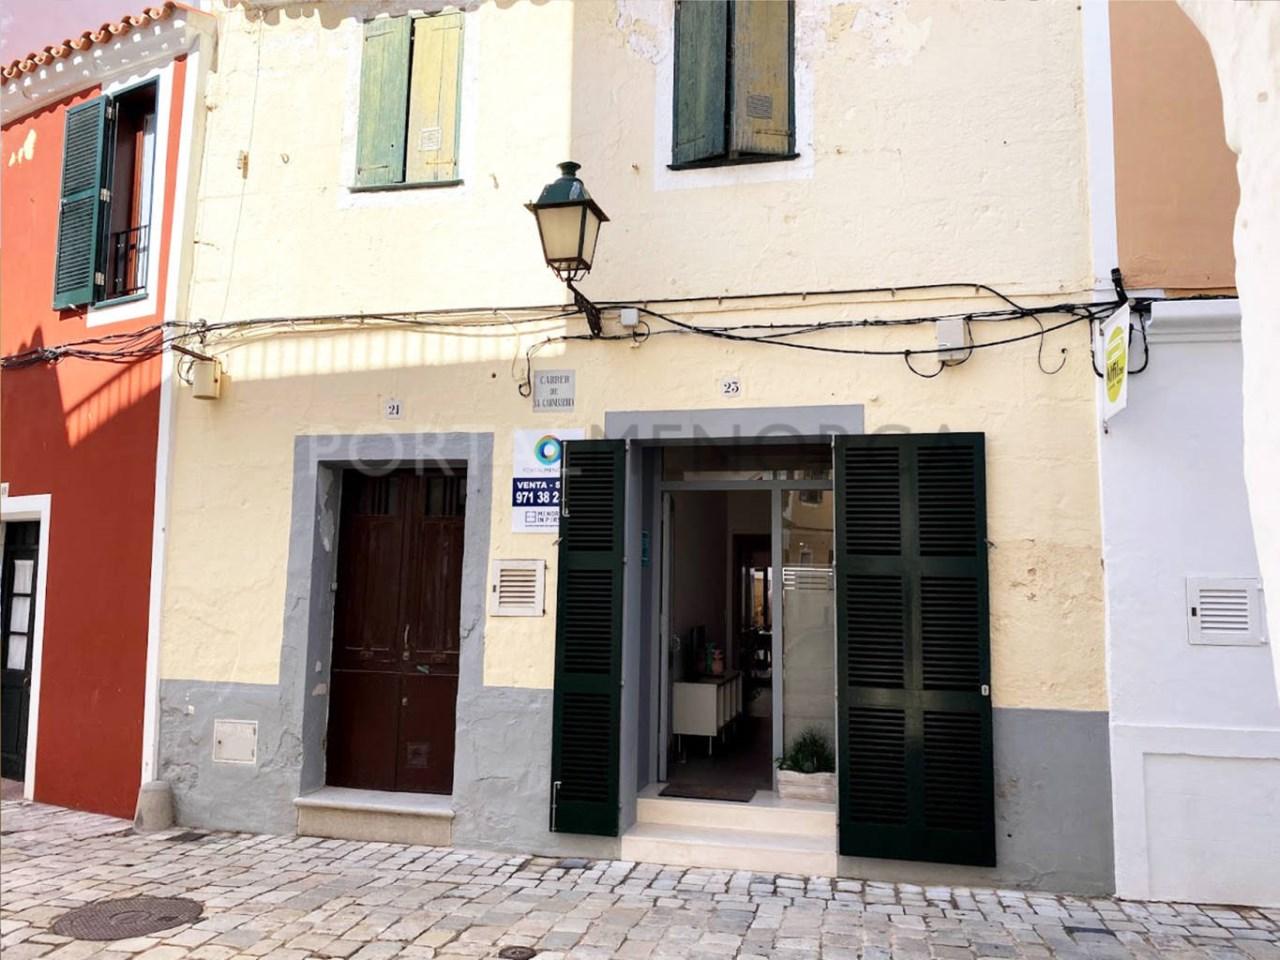 House in the old town Ciutadella_facade